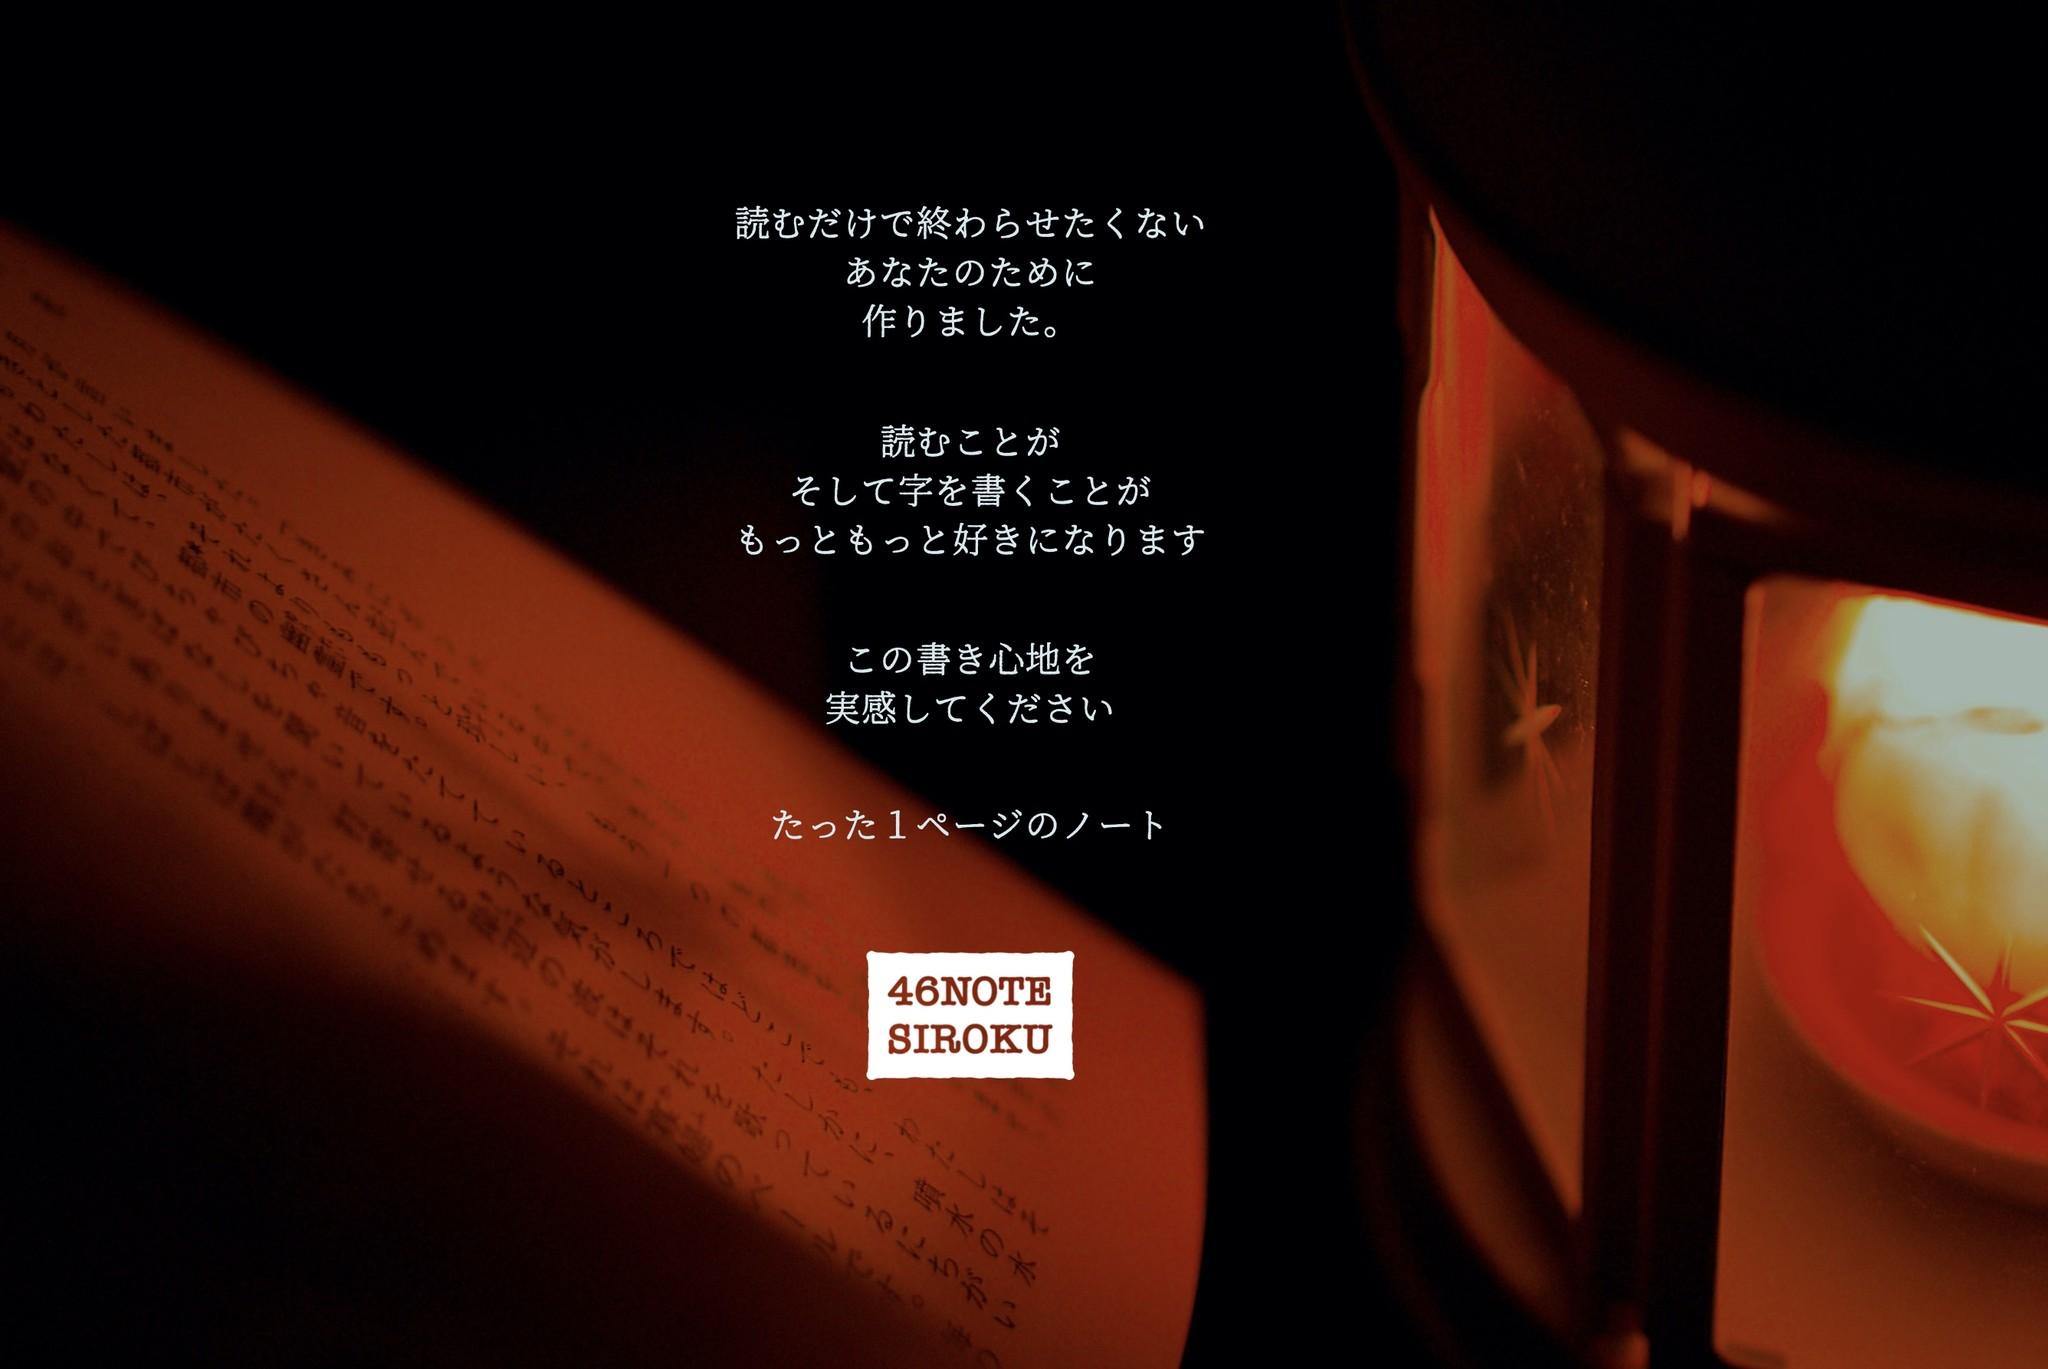 46NOTE ビジネス書 読書記録ツール